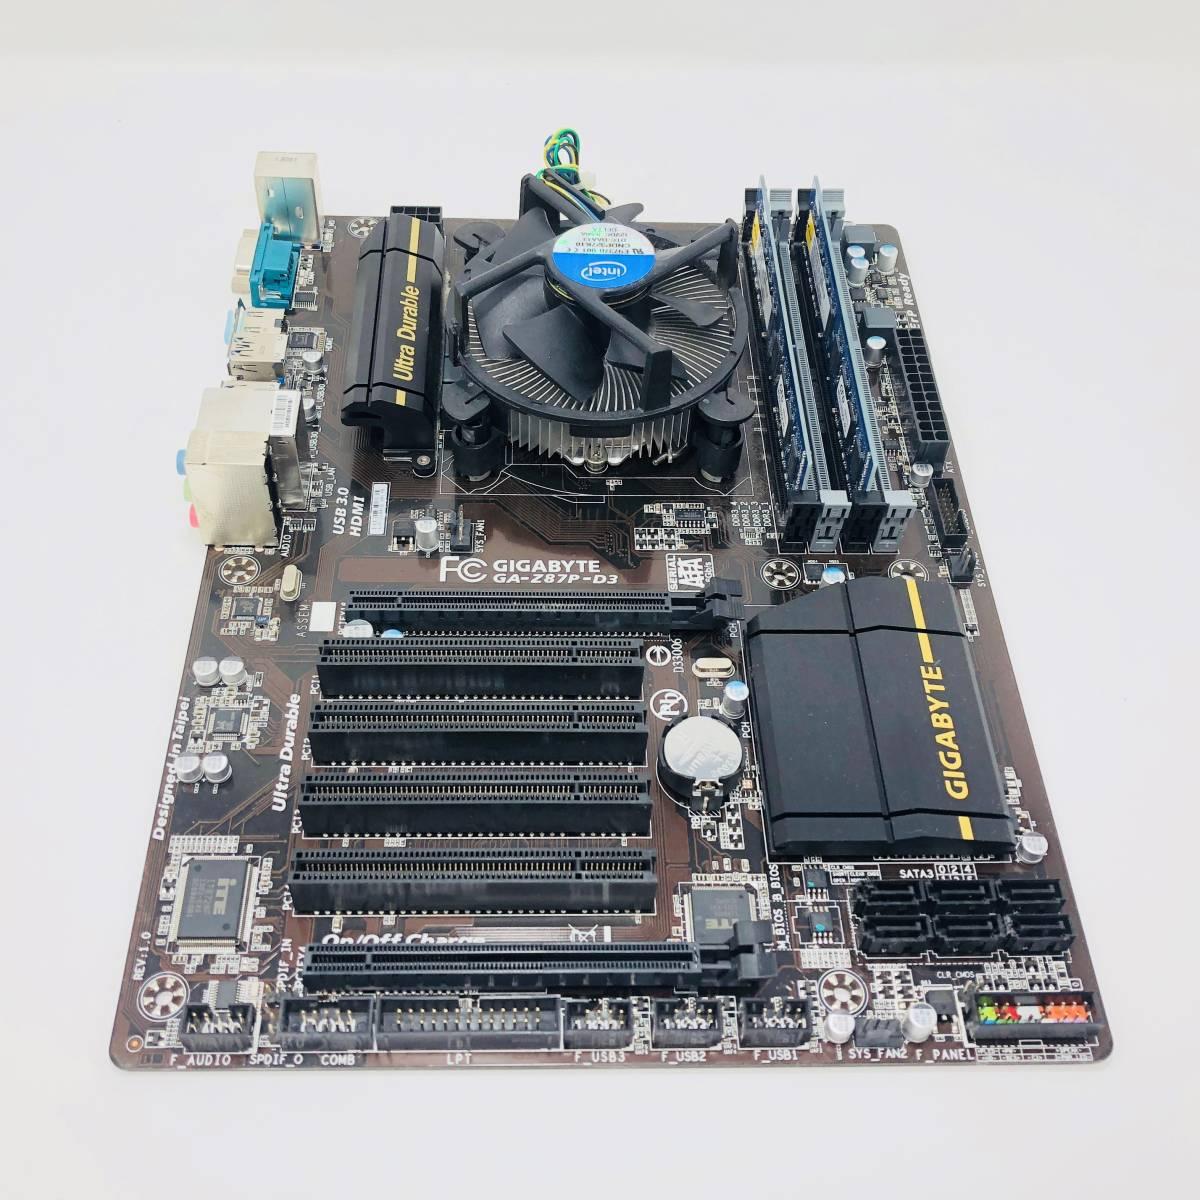 ★1円スタート!! 中古自作パーツセット BIOS起動OK 第4世代 Core i37 4770 3.4GHz DDR3 4GB ×2 GIGABYTE Z87_画像2